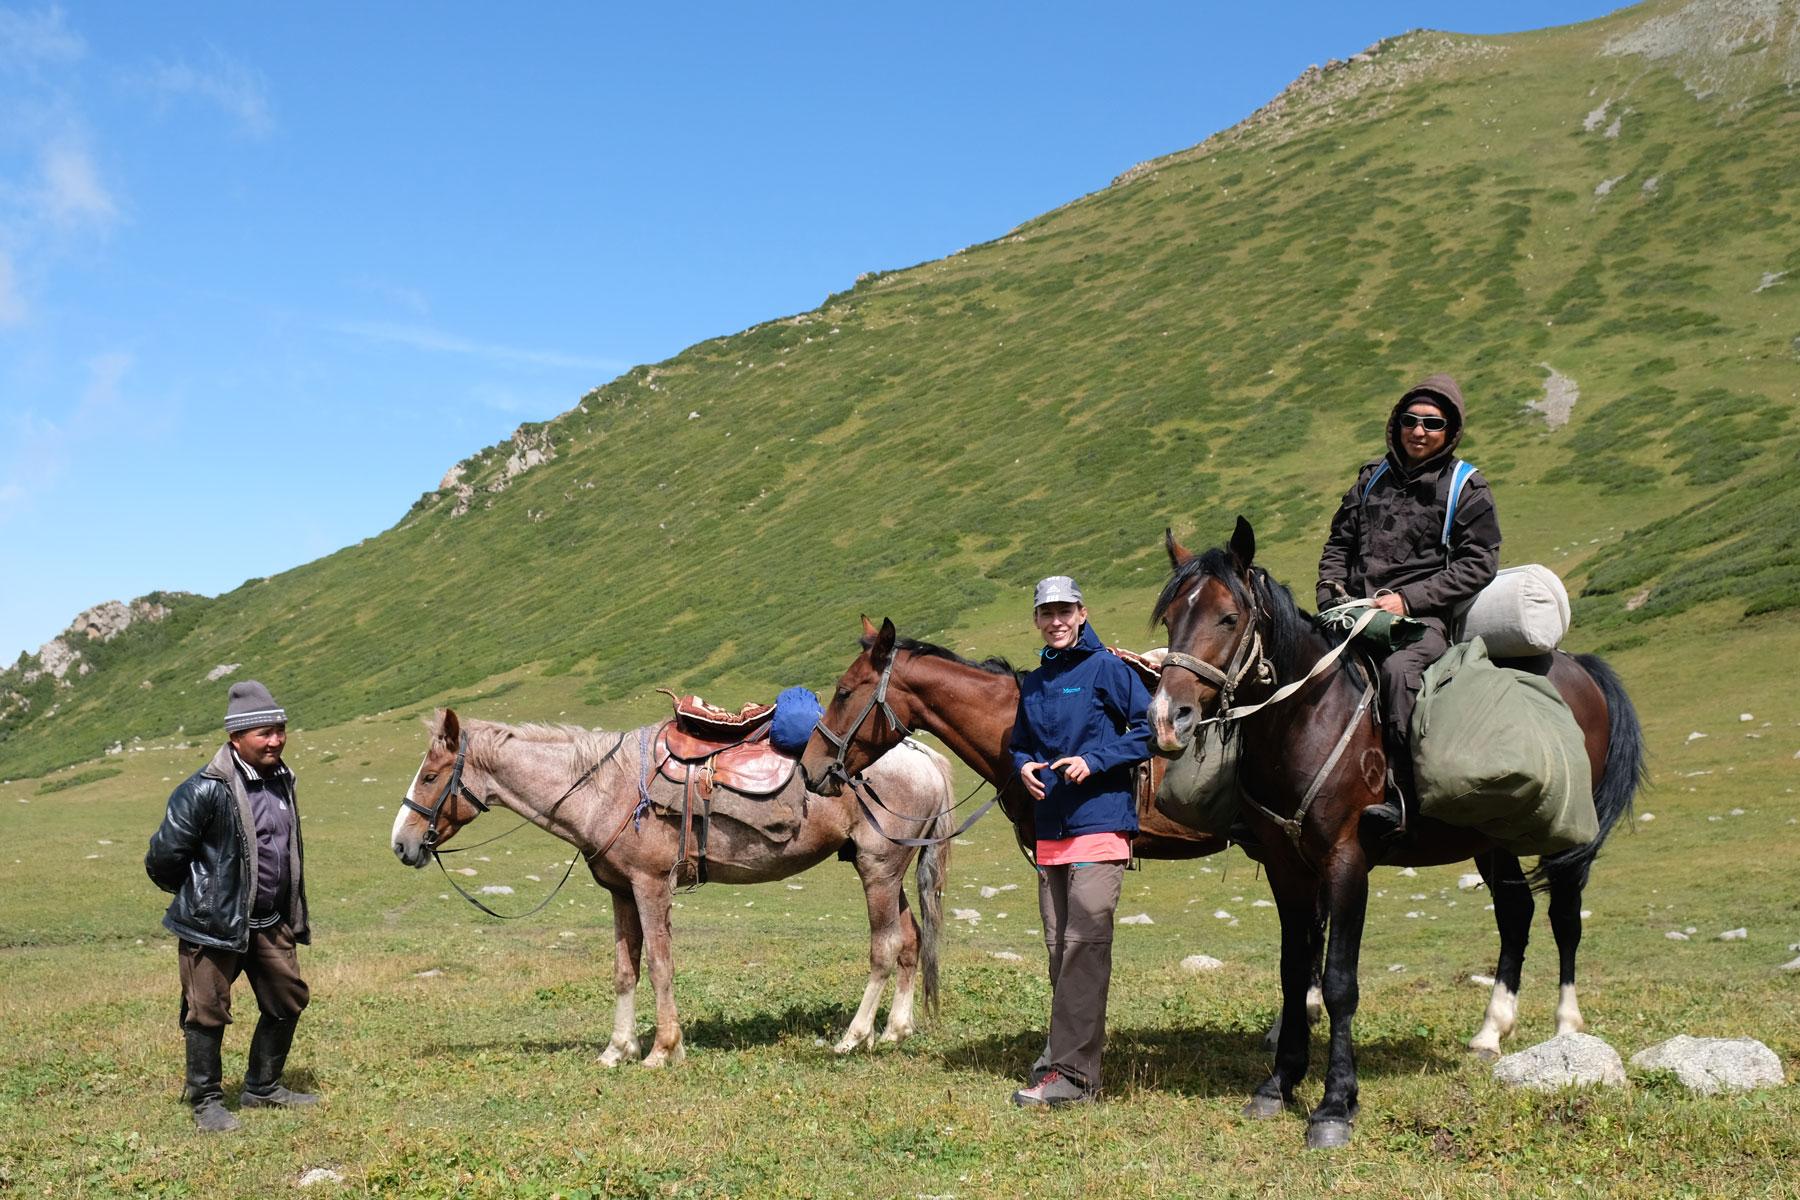 Nach einem steilen Abstieg begegnen wir einem Hirten, der hier mit seinen Tieren unterwegs ist